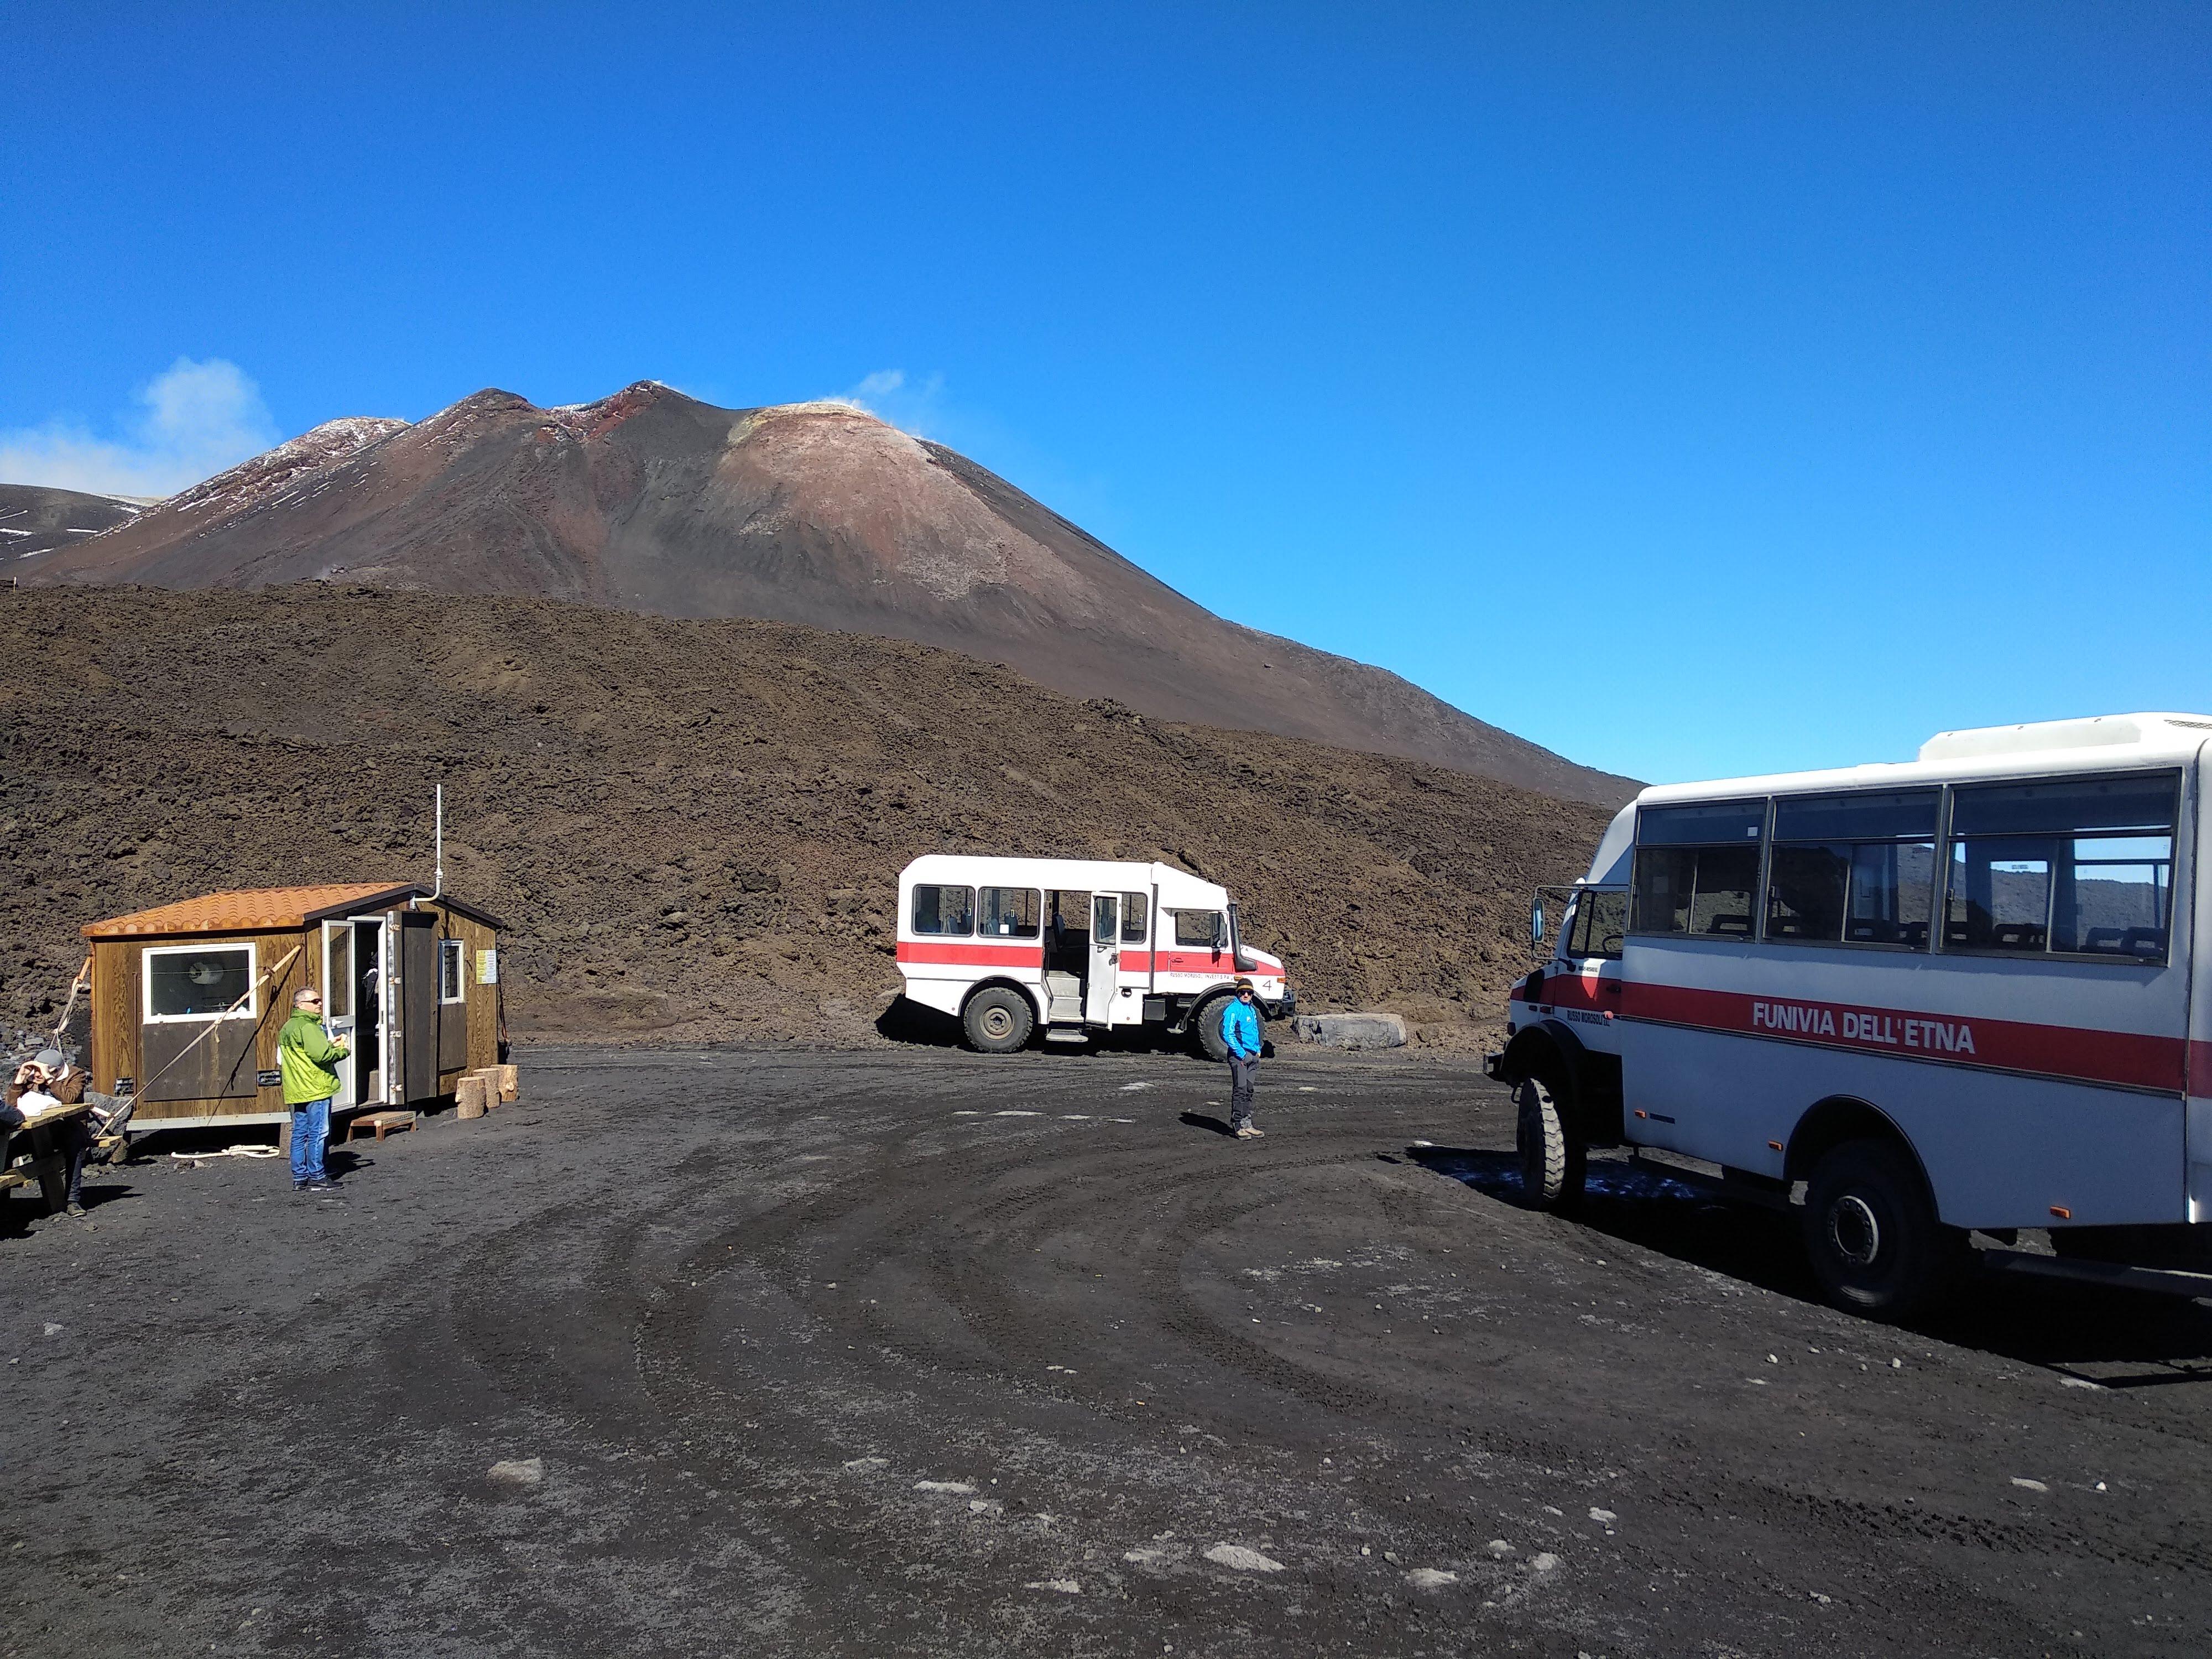 Point d'arrivée Jeep 4x4 Etna